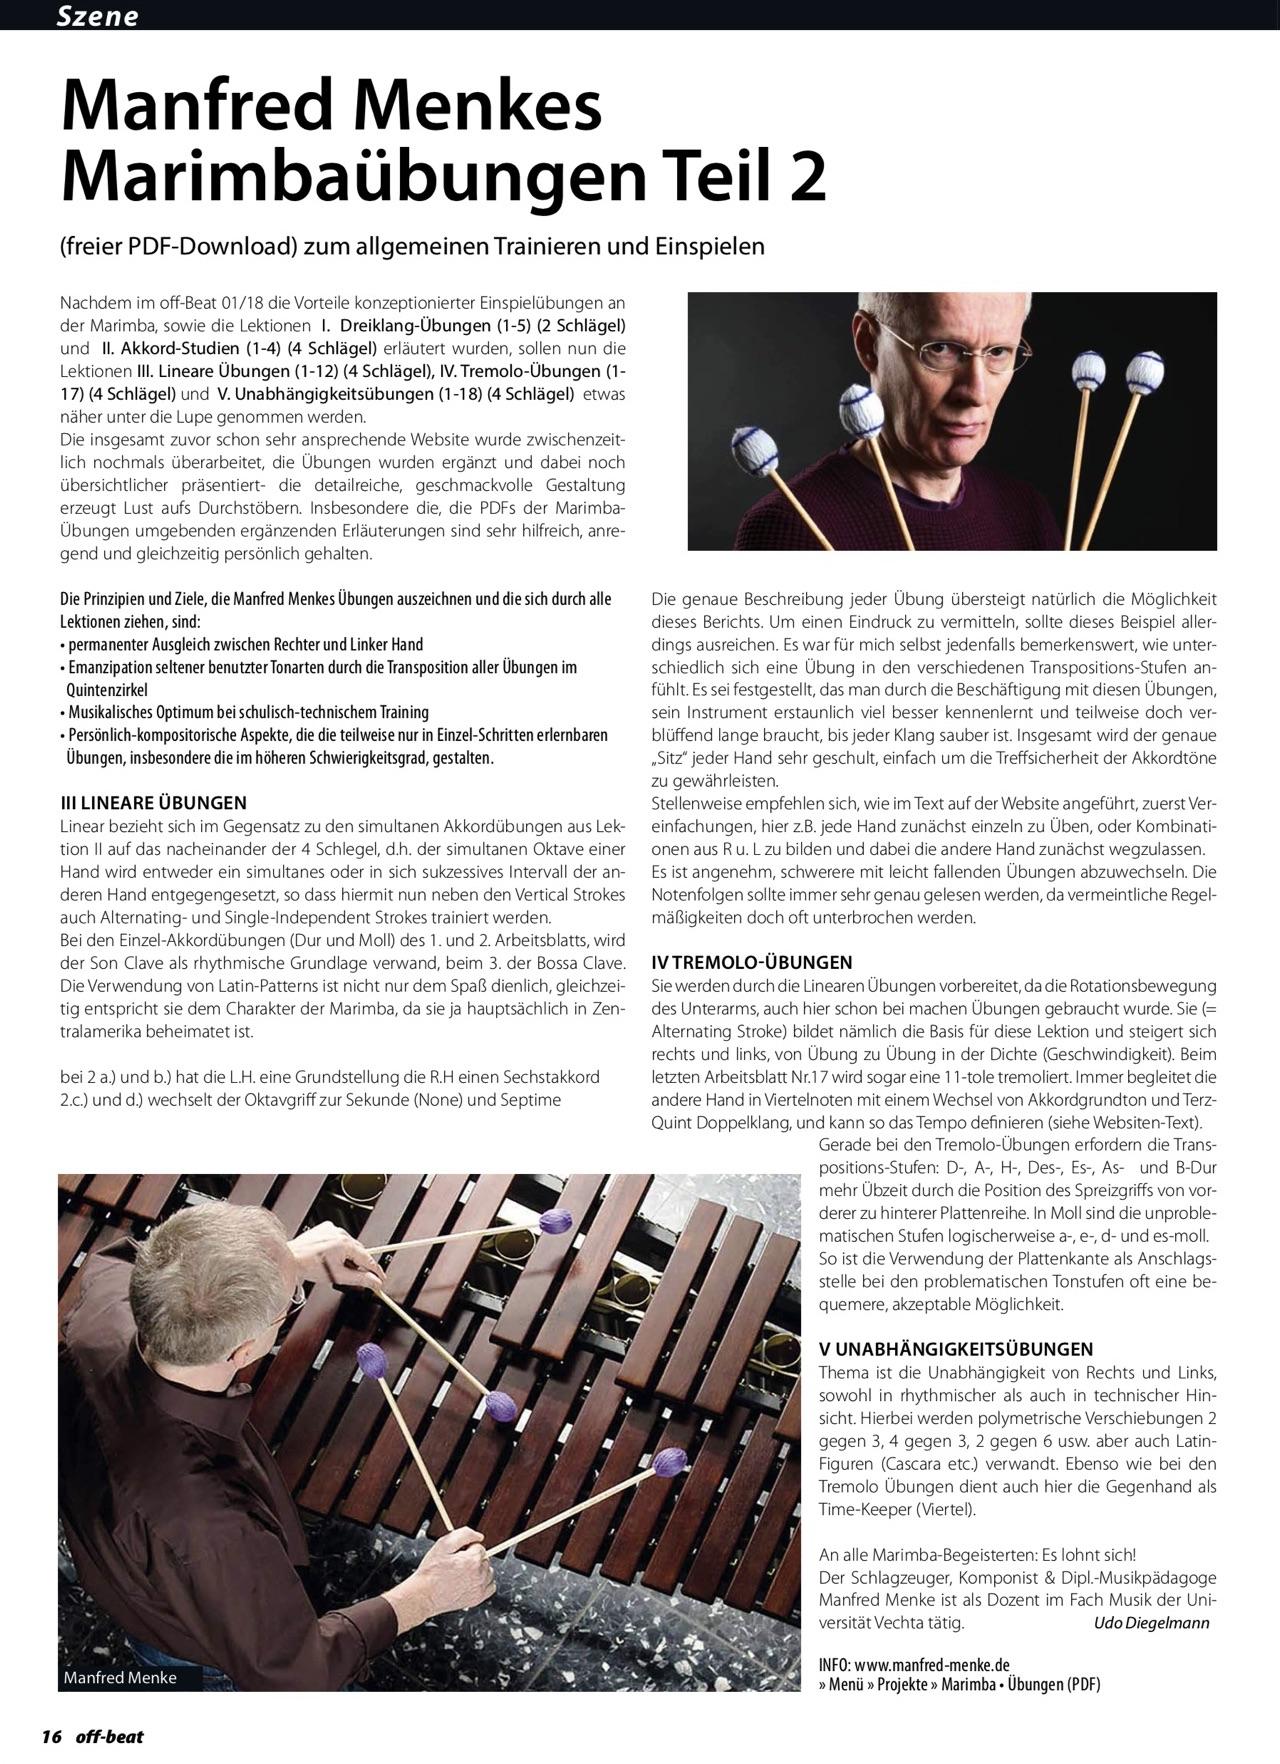 Artikel (2. Teil) über die Marimba-Übungen im Offbeat 3/4 2018